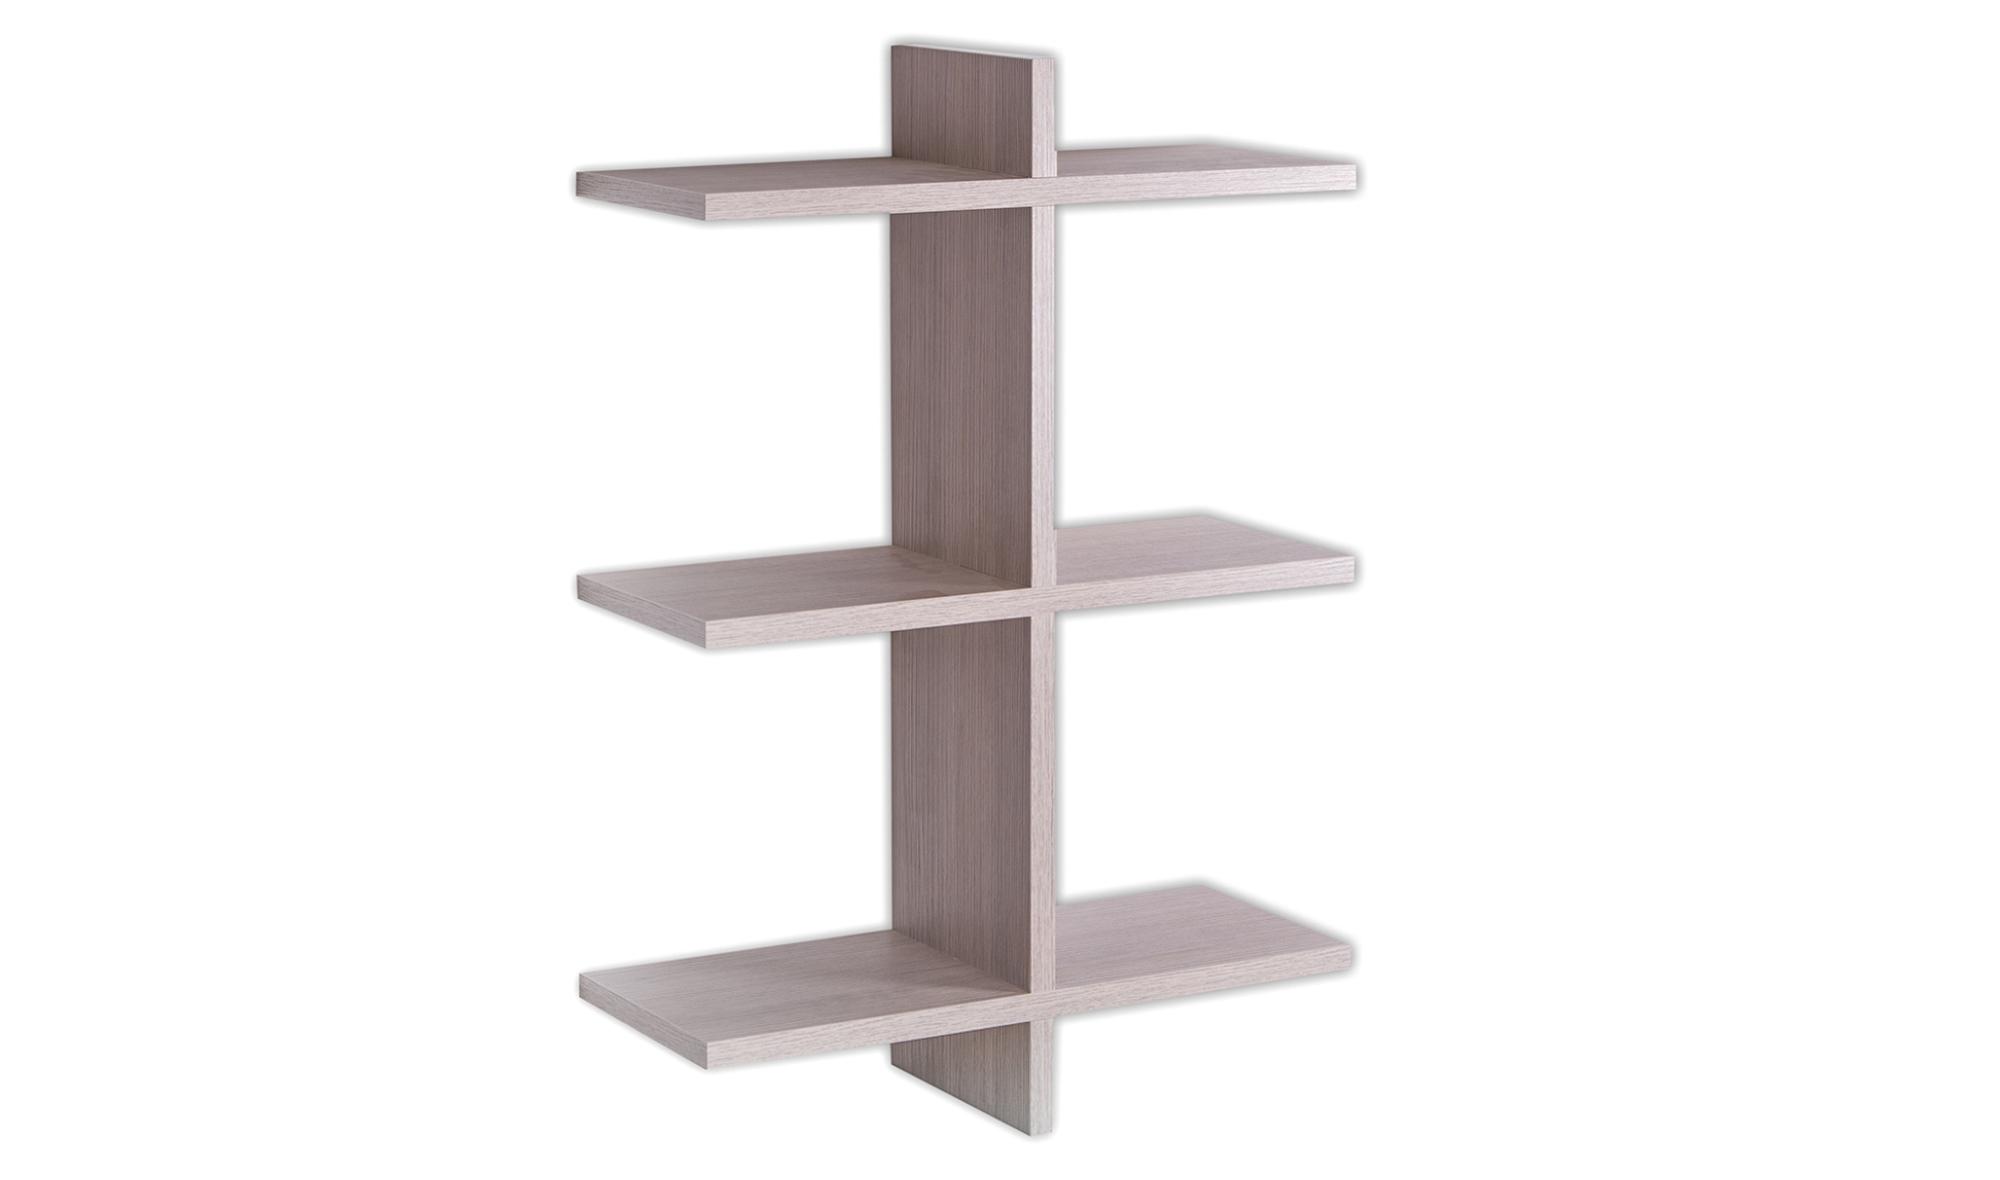 Estanter a pir mide madera 3 estantes en Portobellostreet